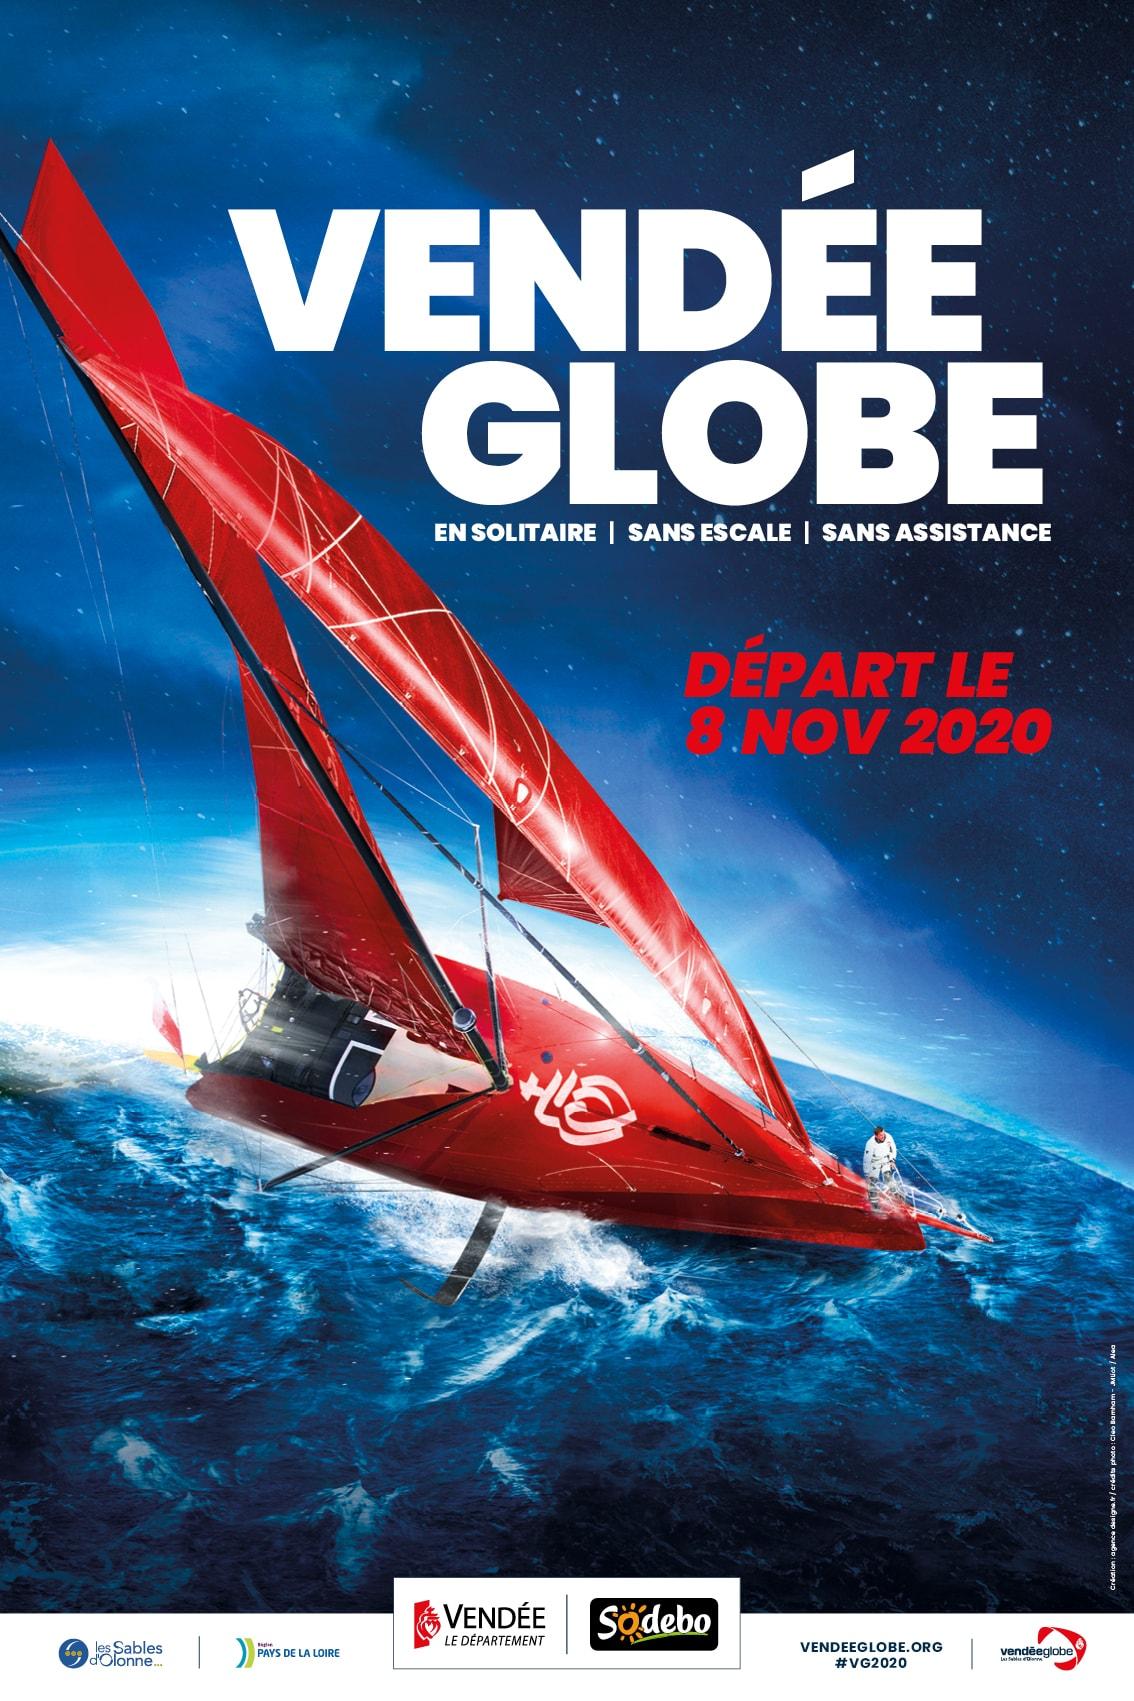 Vendee Globe